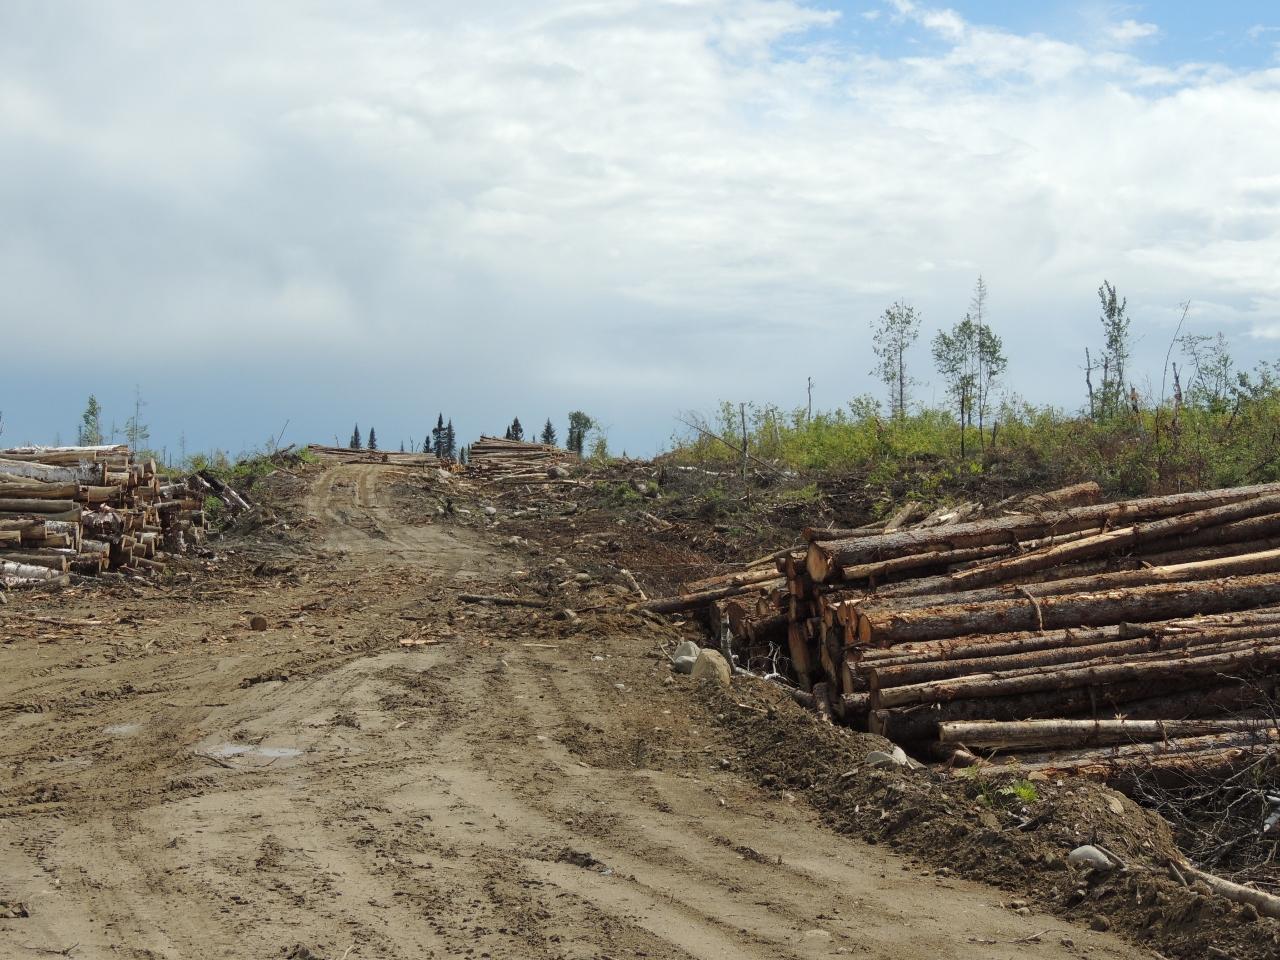 Des coupes forestières inquiétantes